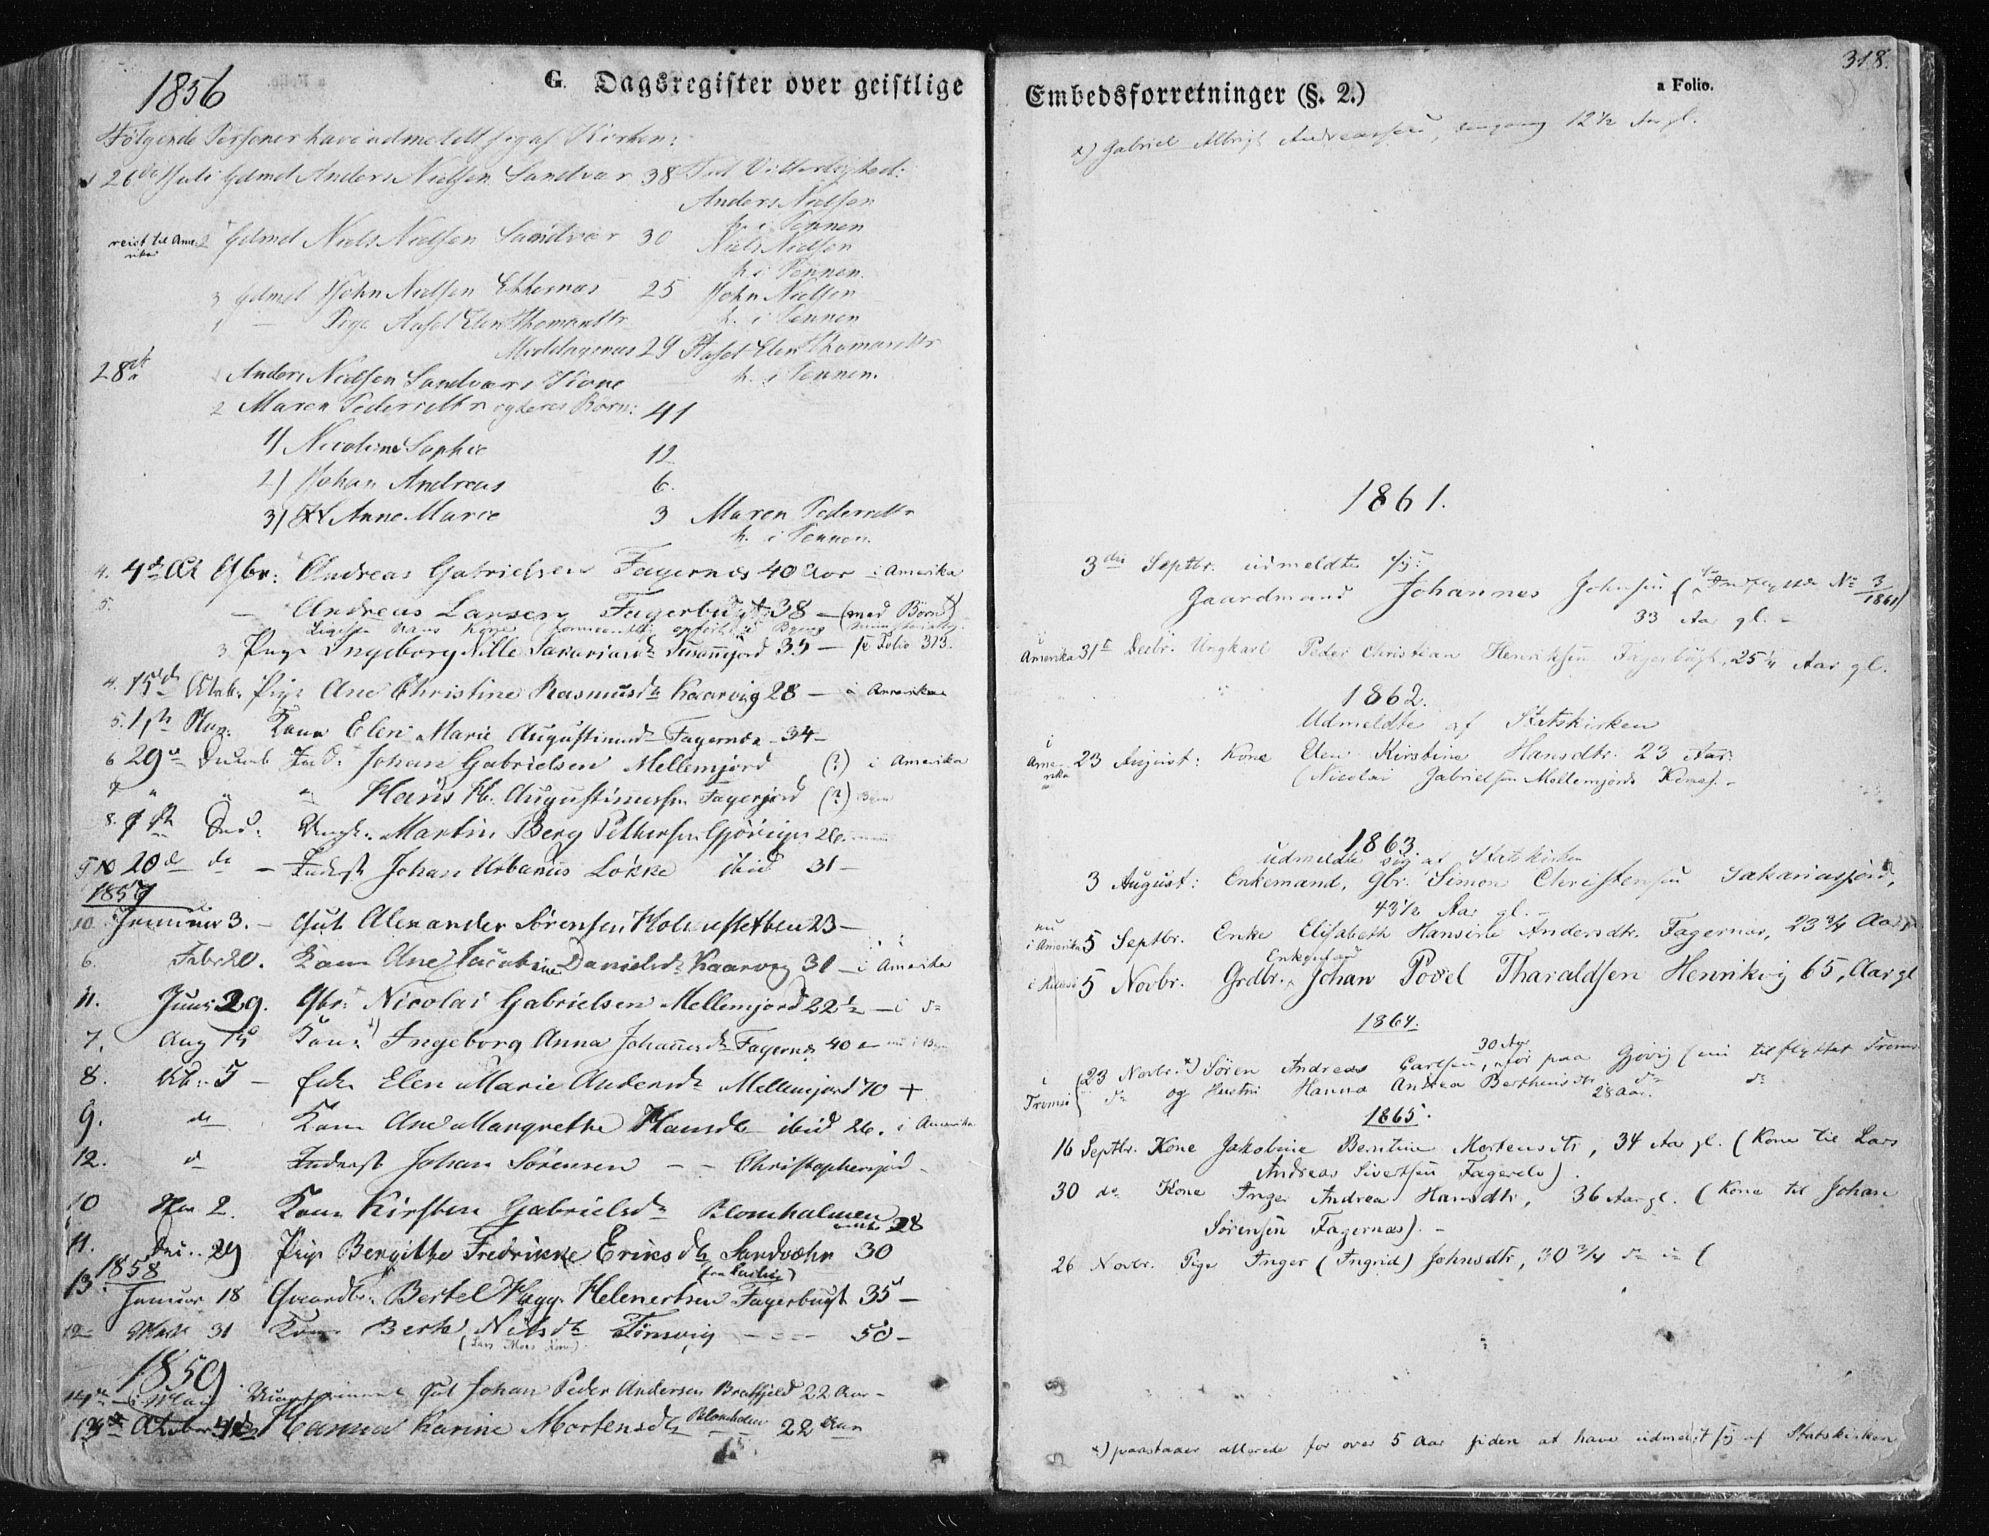 SATØ, Tromsøysund sokneprestkontor, G/Ga/L0001kirke: Ministerialbok nr. 1, 1856-1867, s. 318